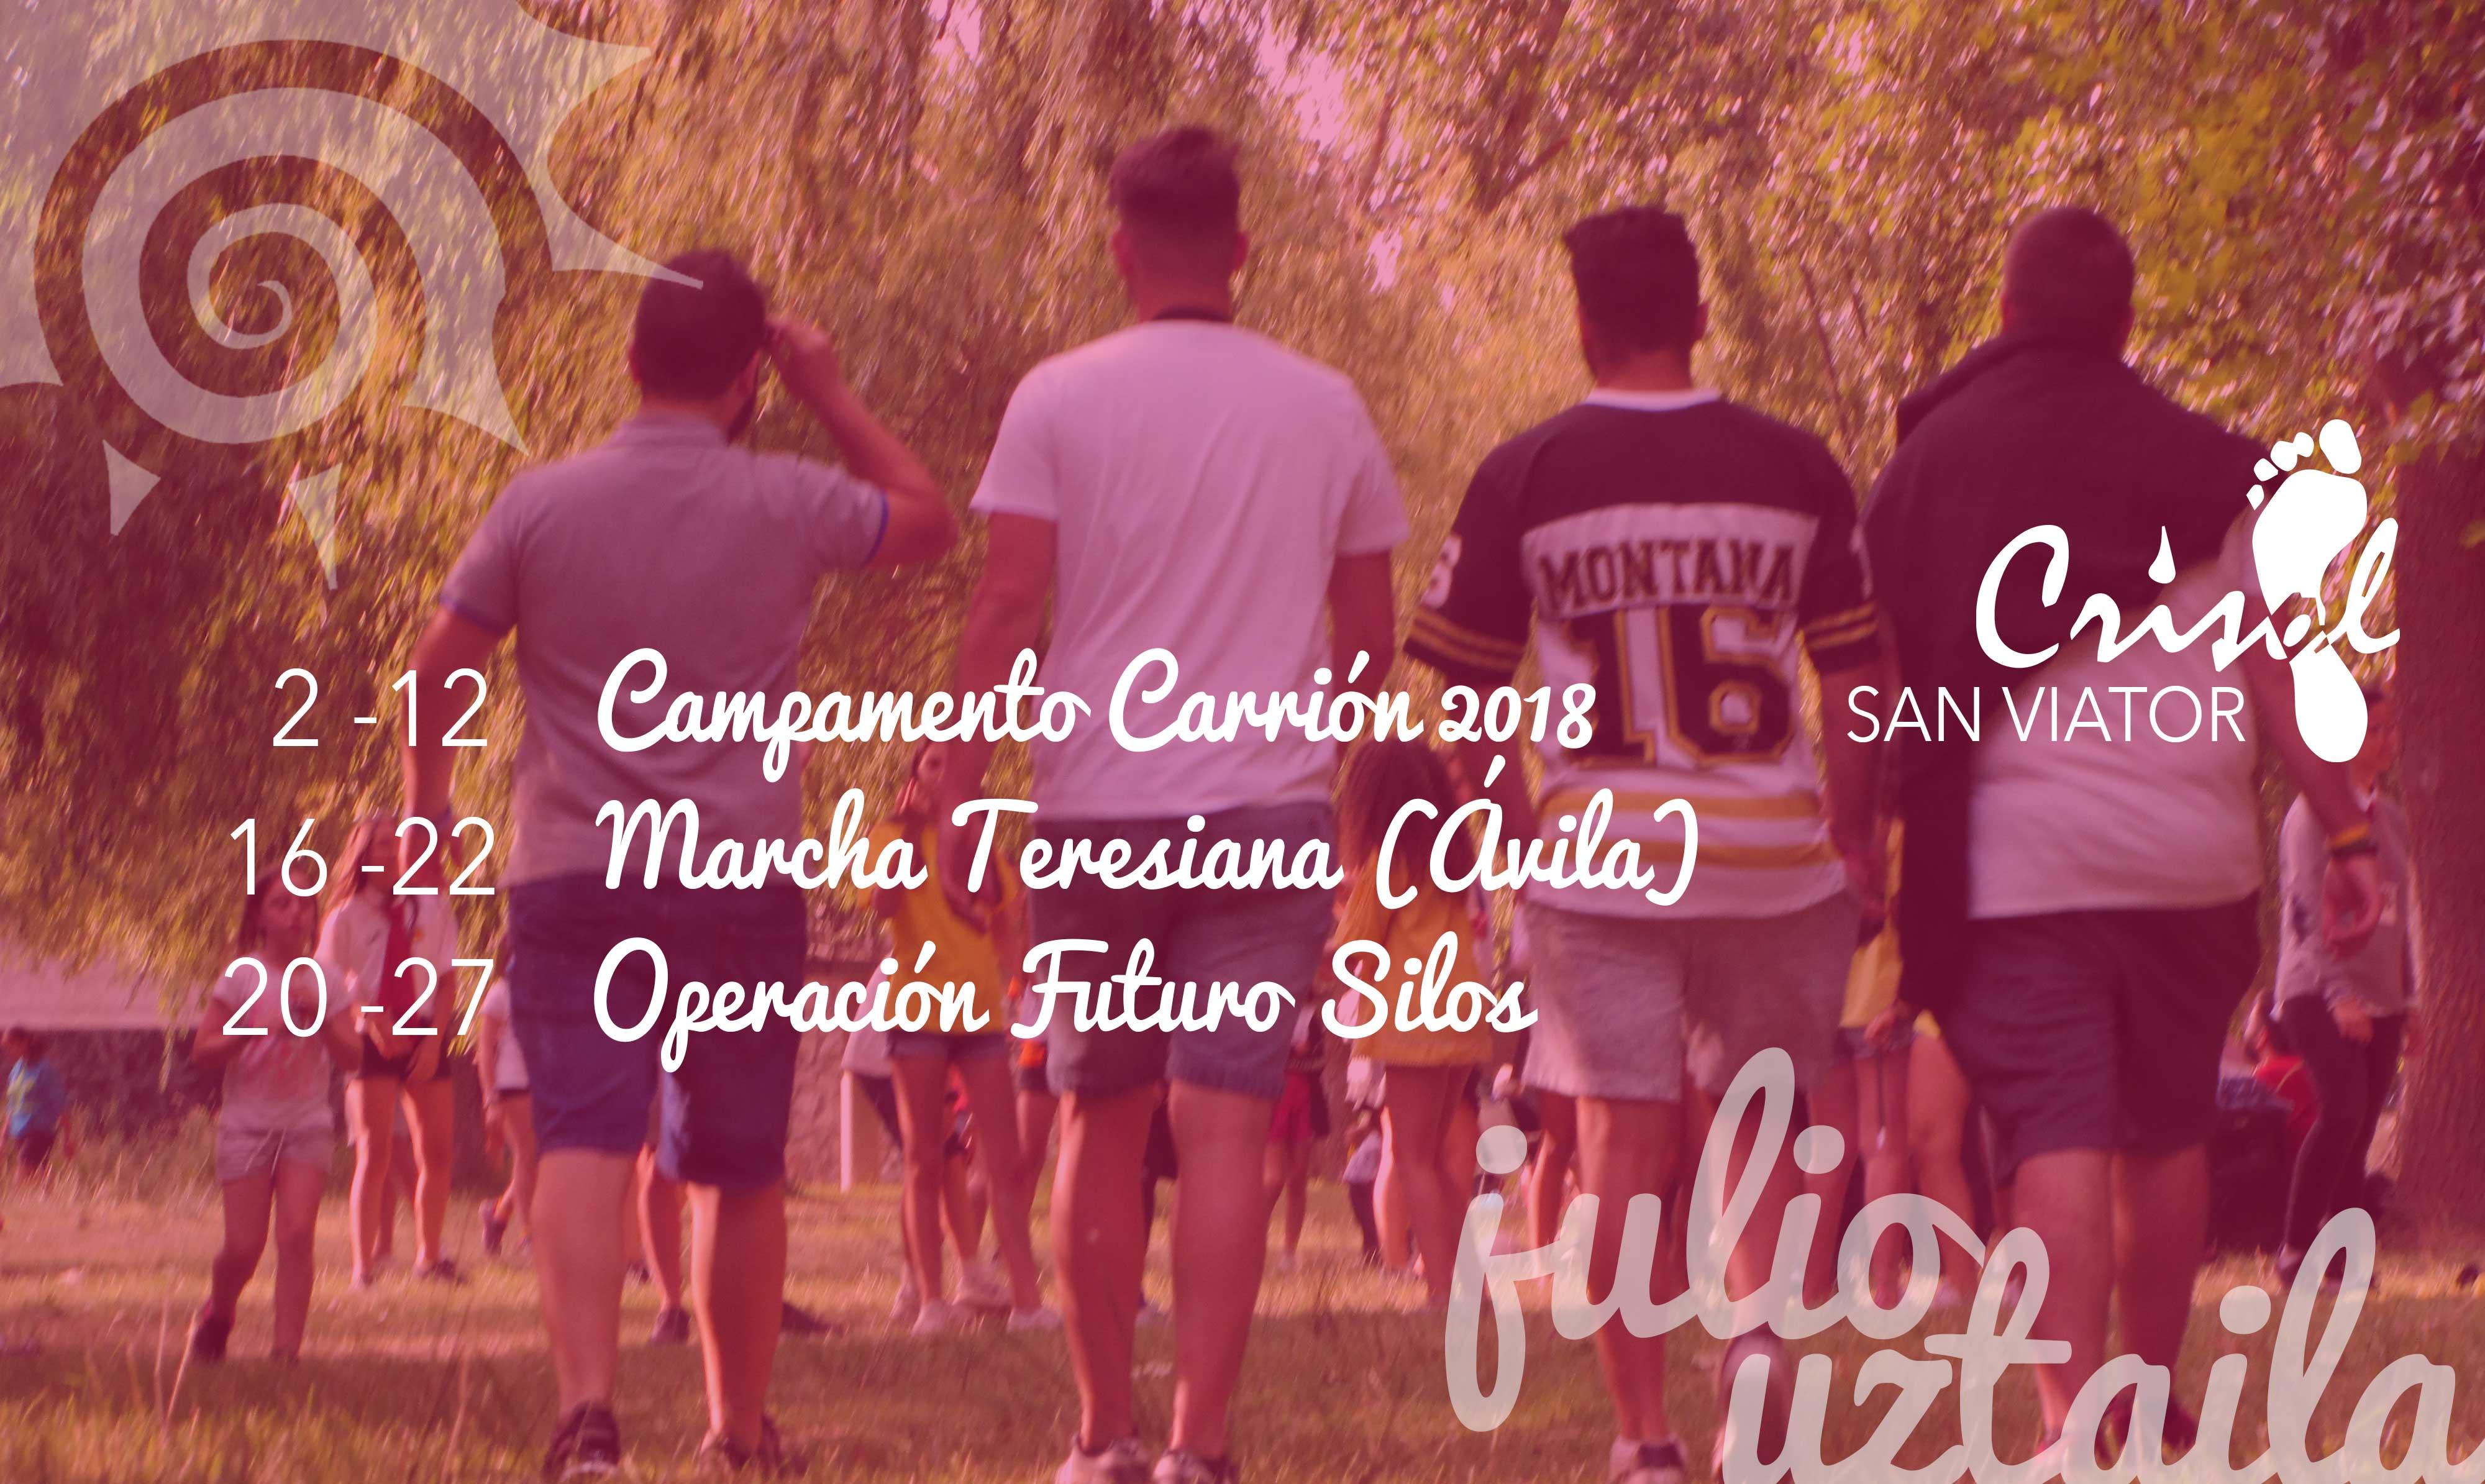 Campamentos: Carrión, Marcha Teresiana (Ávila), Operación Futuro (Silos)